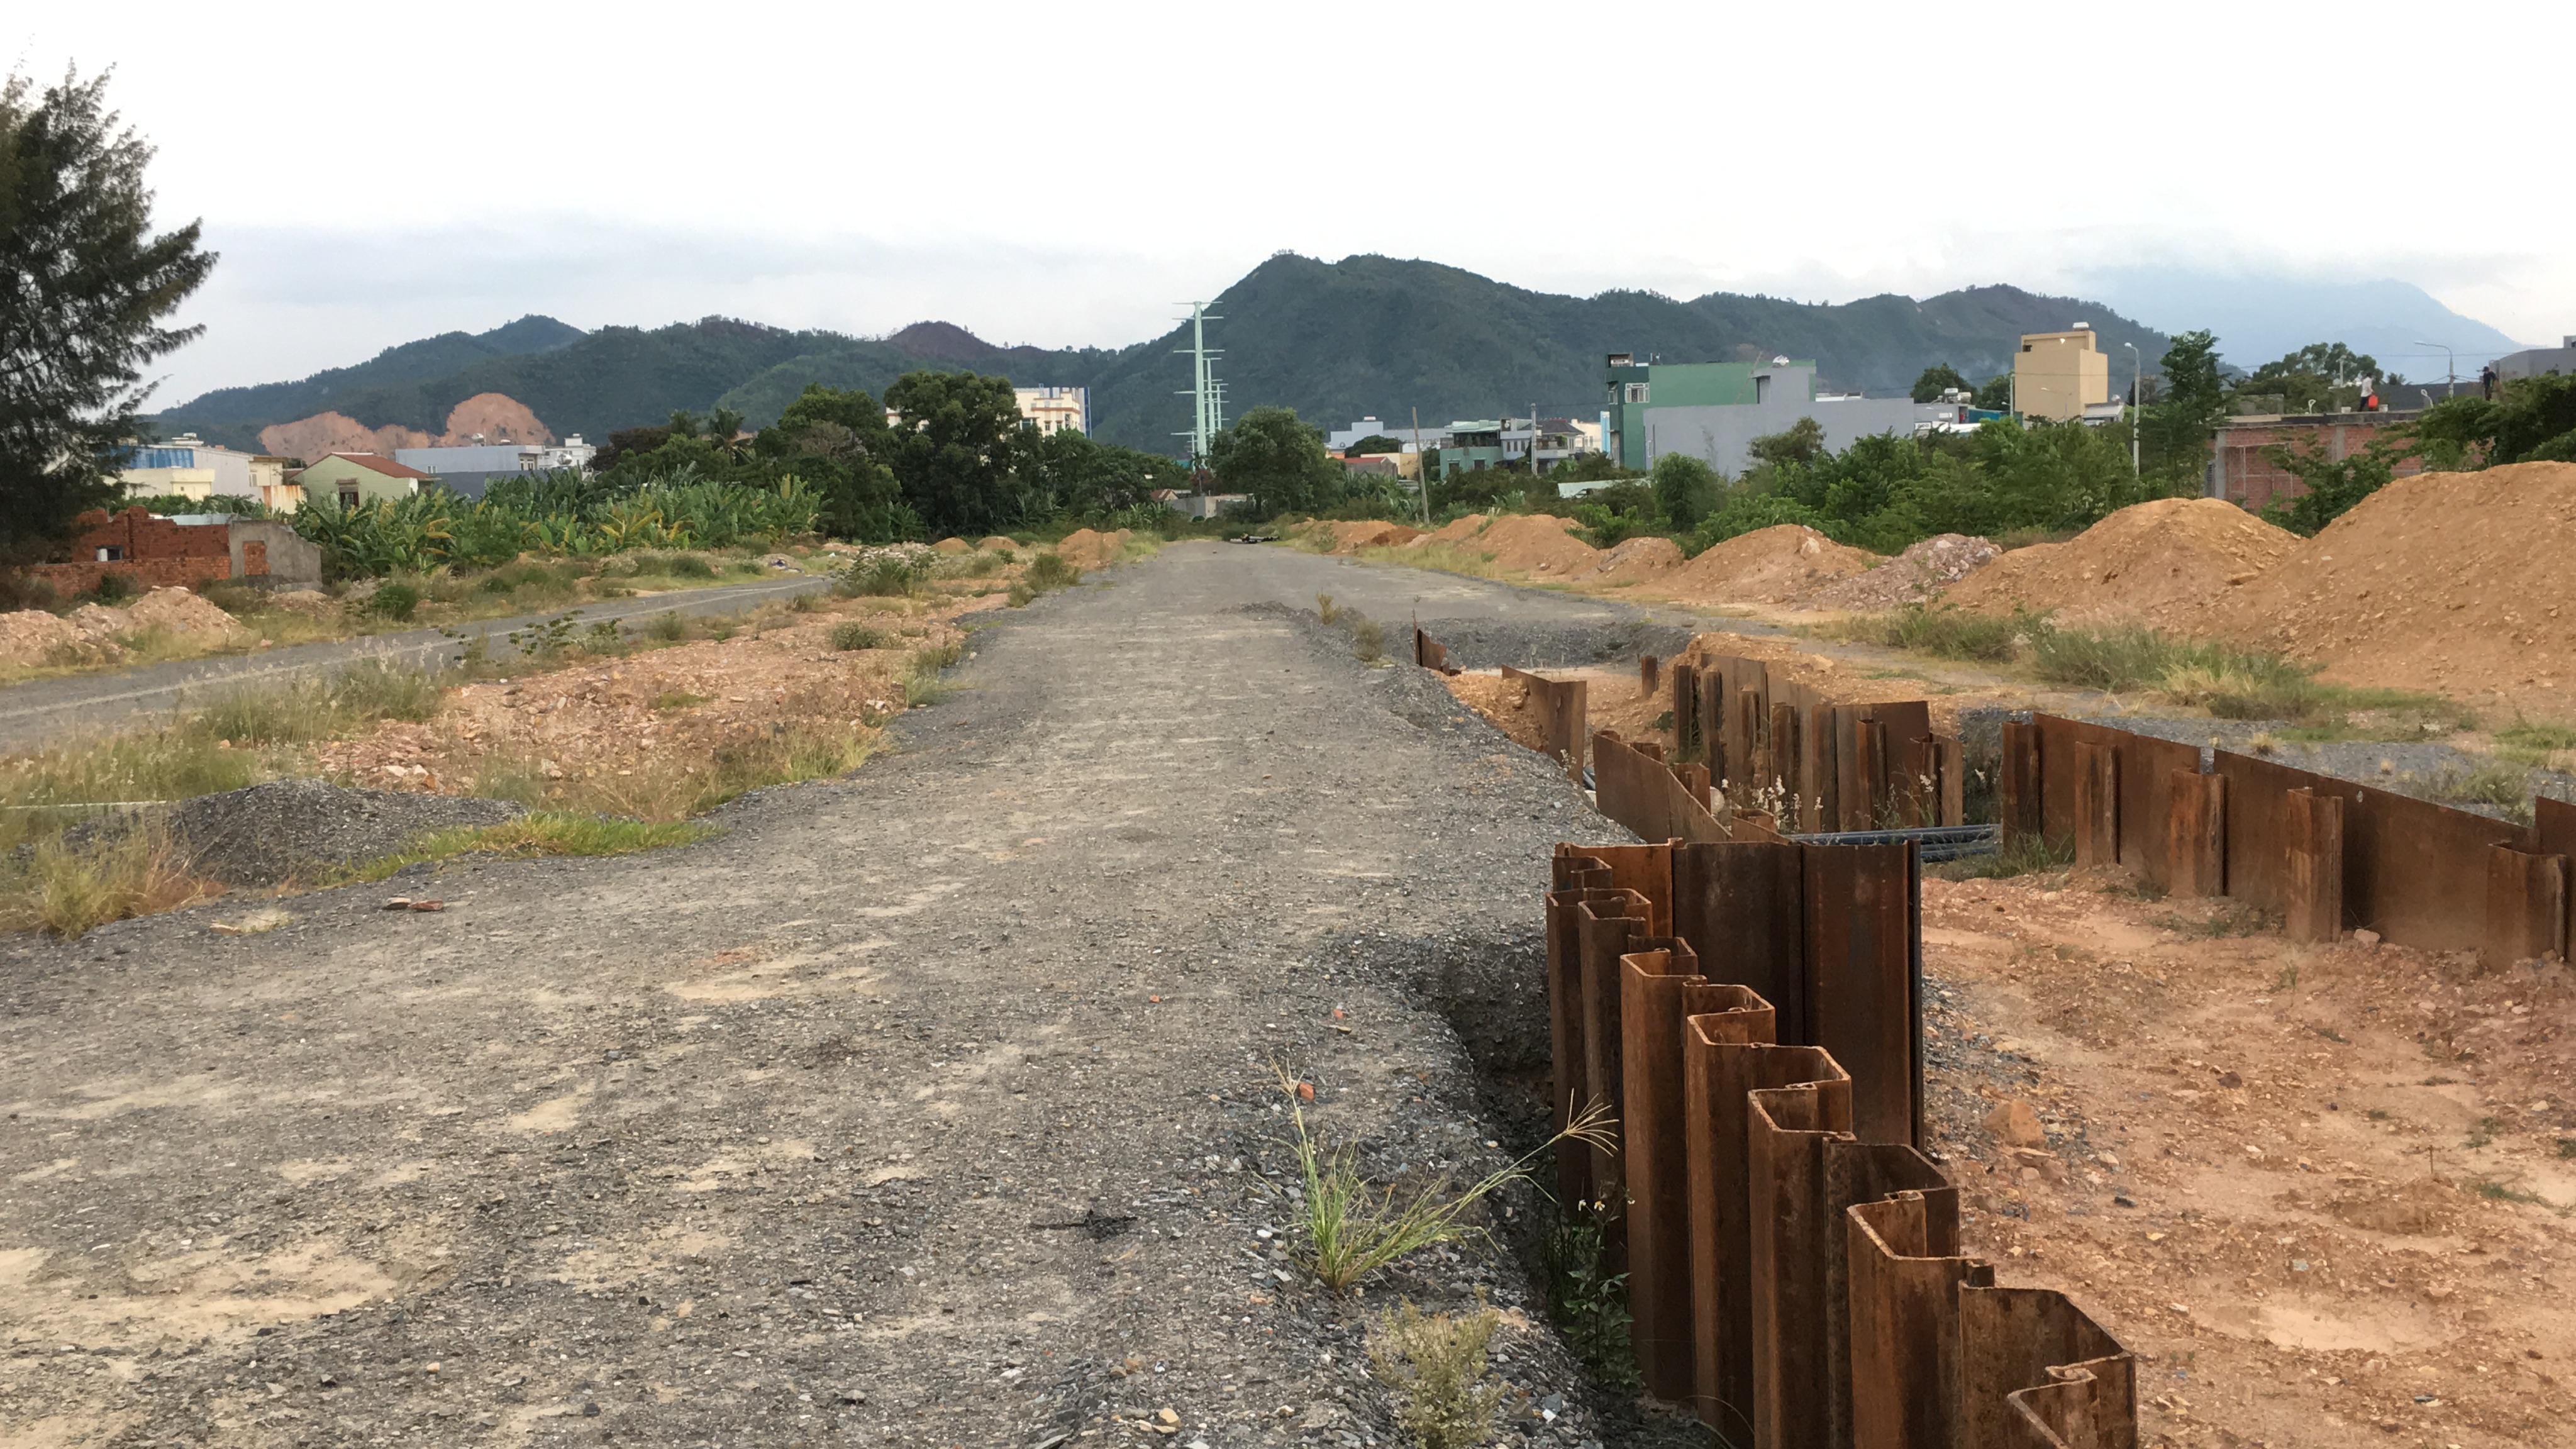 Tuyến đường trục 1 Tây Bắc đang mở theo qui hoạch ở quận Liên Chiểu, Đà Nẵng - Ảnh 27.